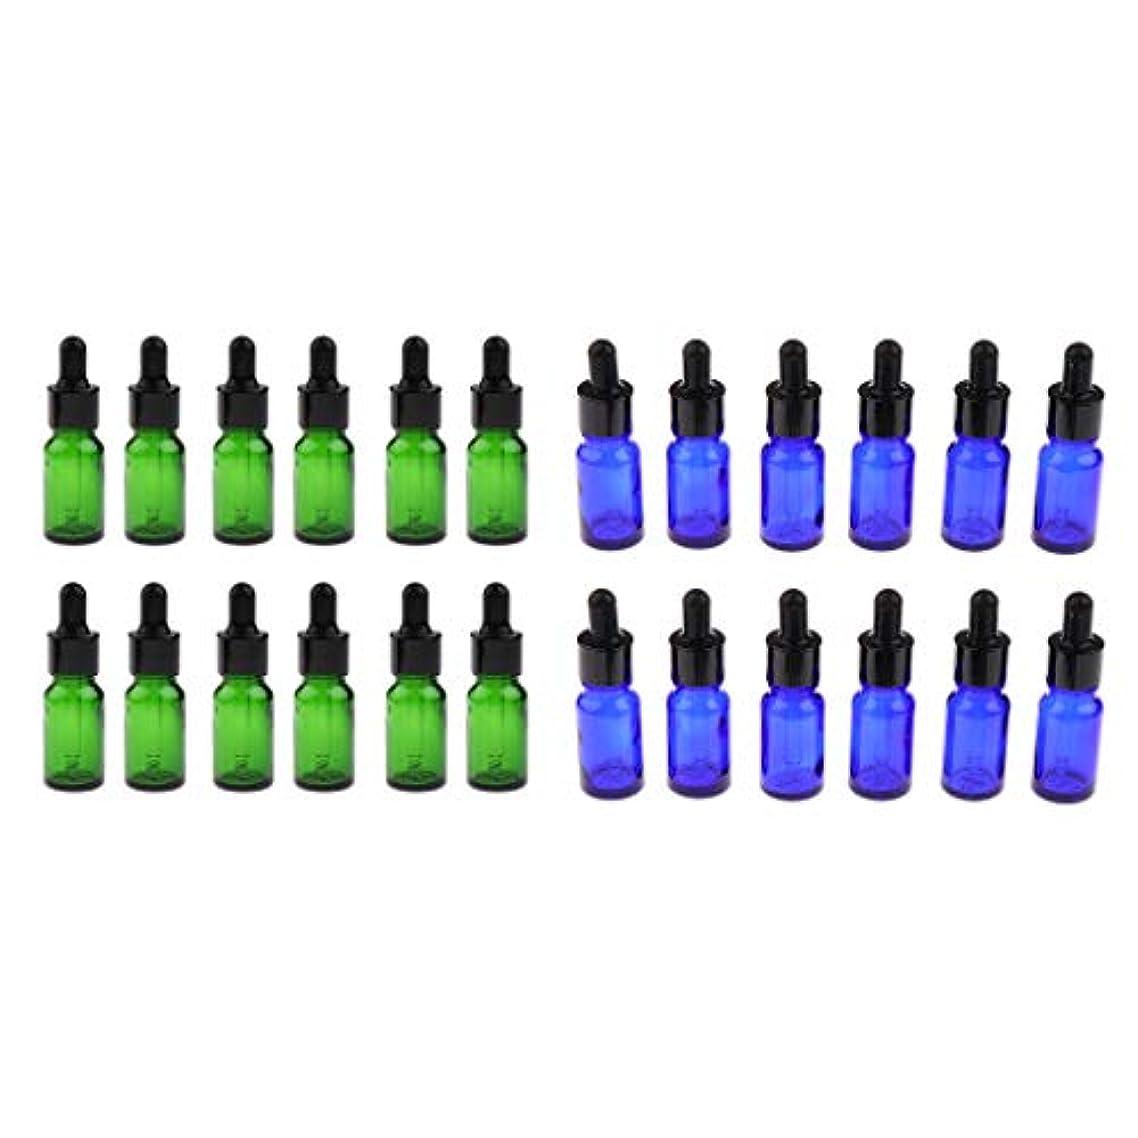 予定めんどり傭兵5ml 10ml ガラスボトル 遮光ビン 精油瓶 アロマボトル 詰替え容器 化粧ボトル 約24個